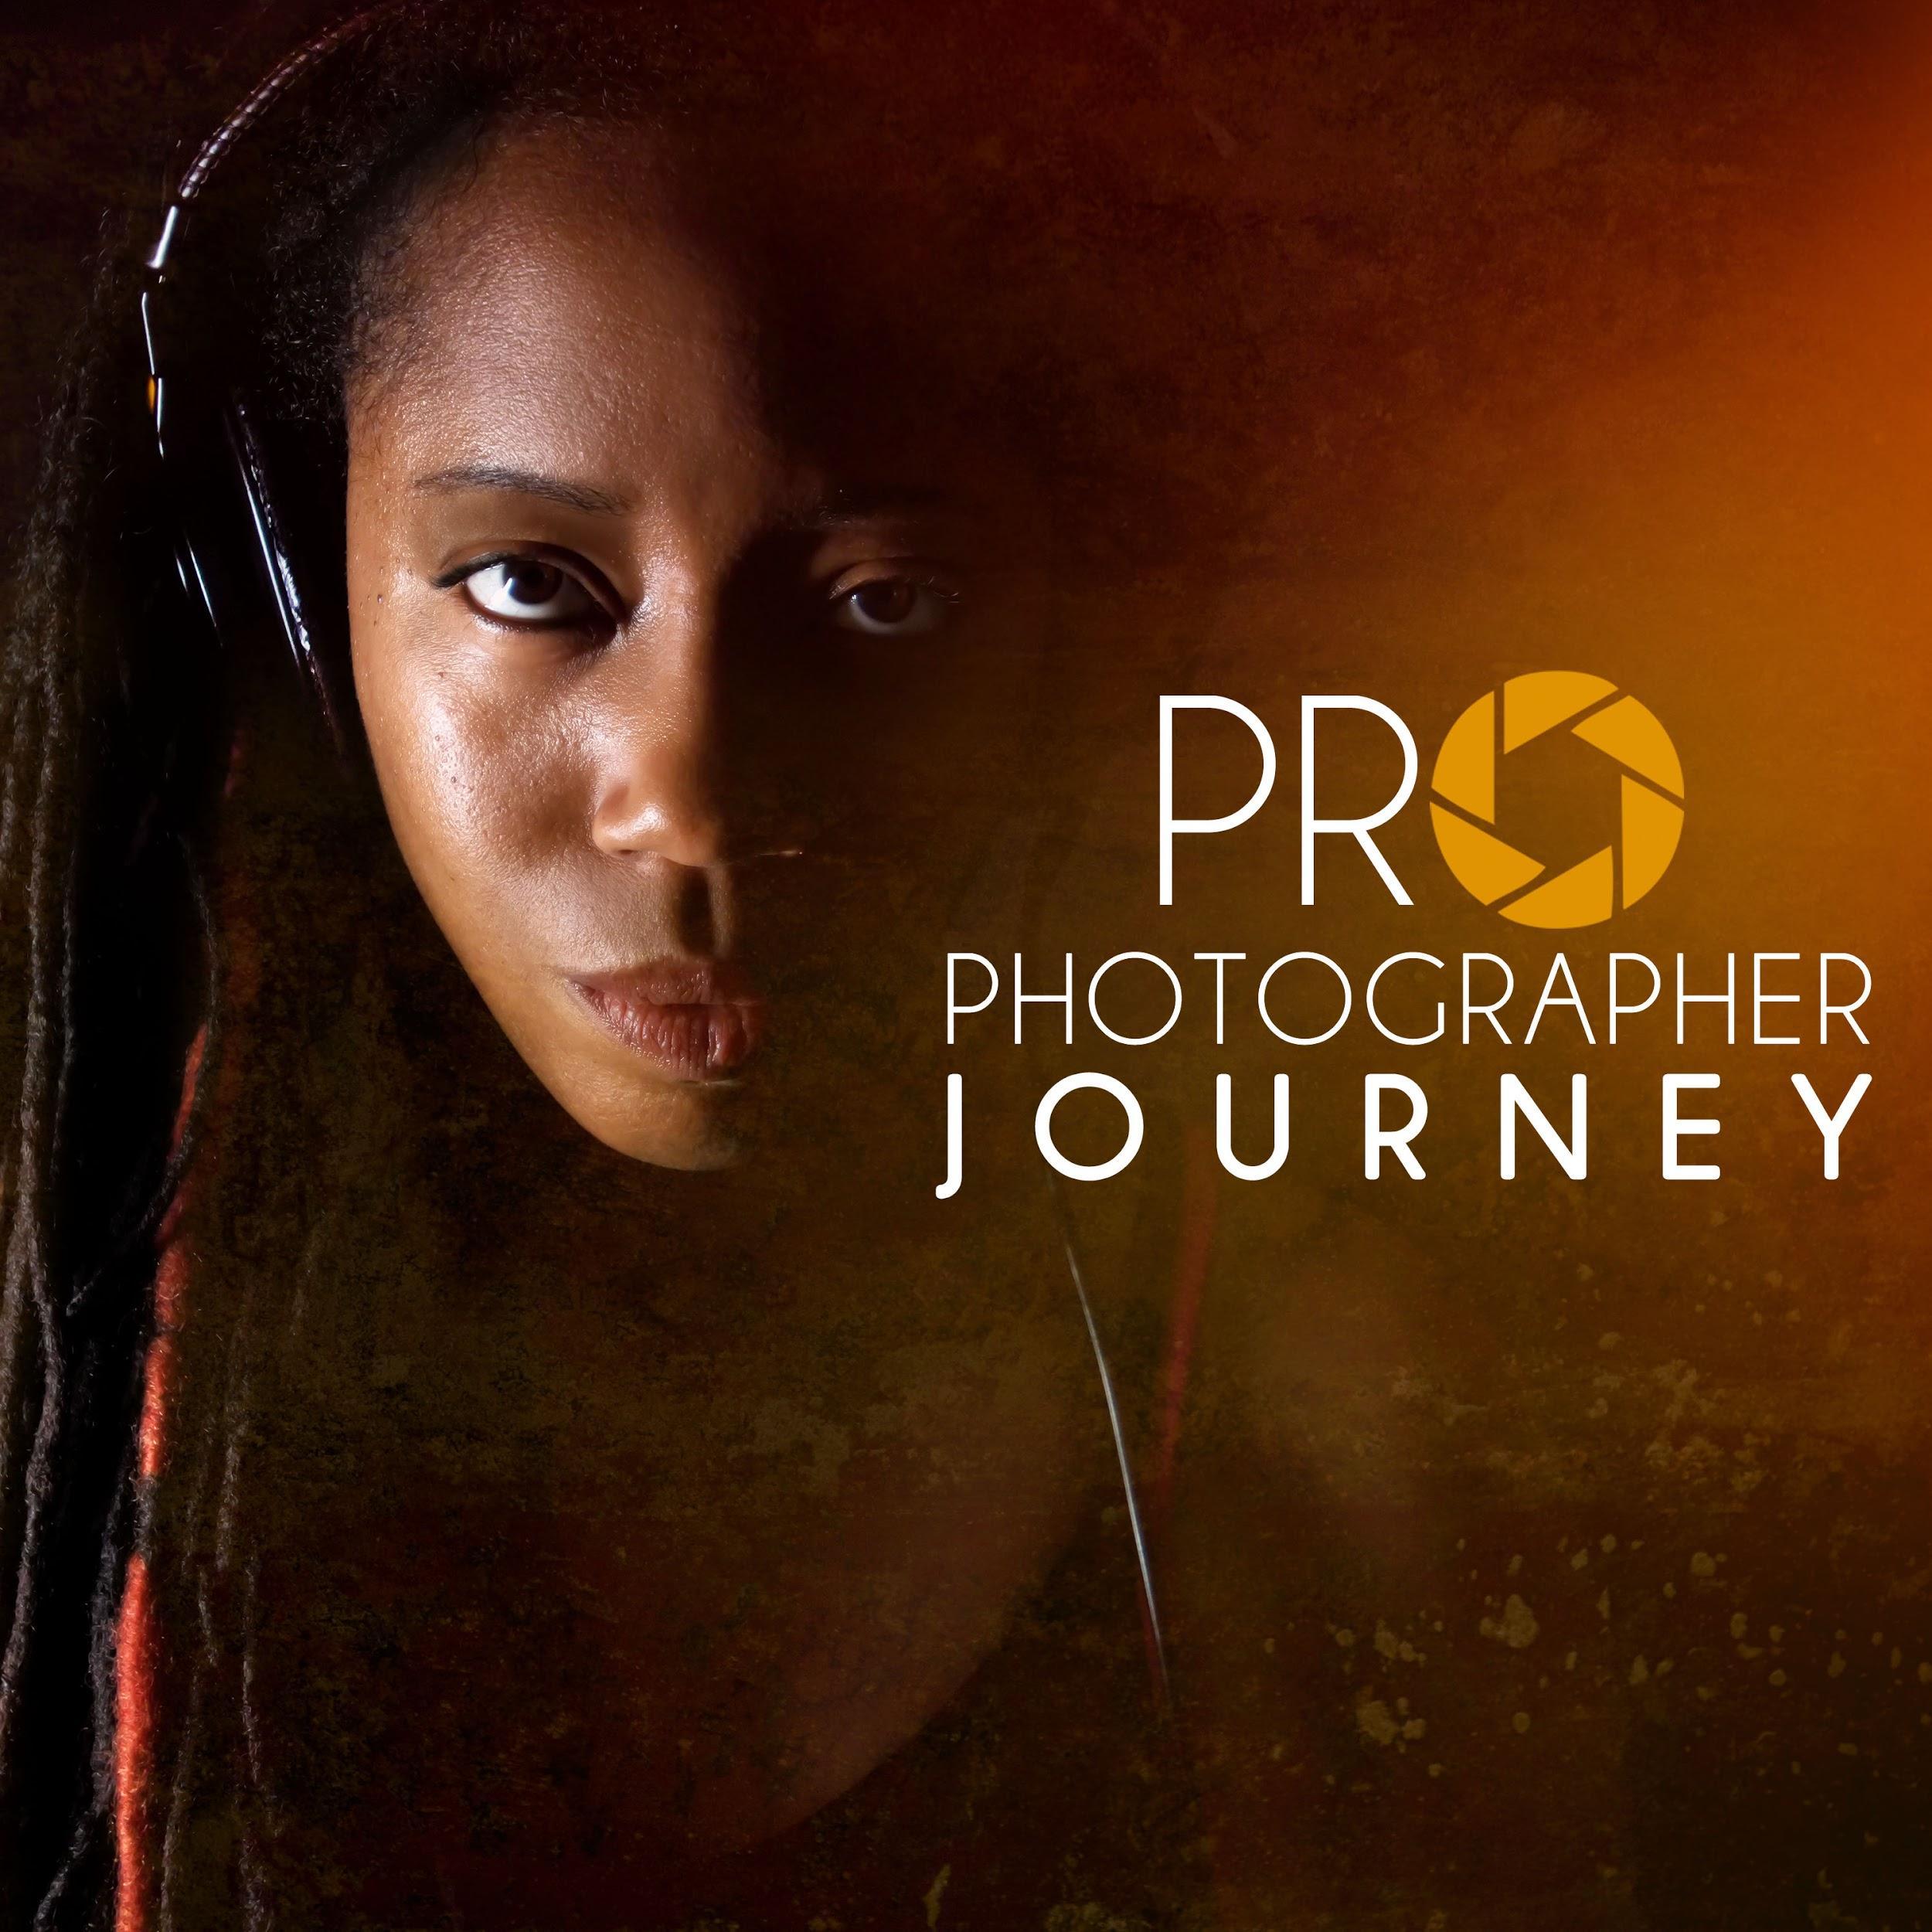 Pro Photographer Journey Podcast Logo